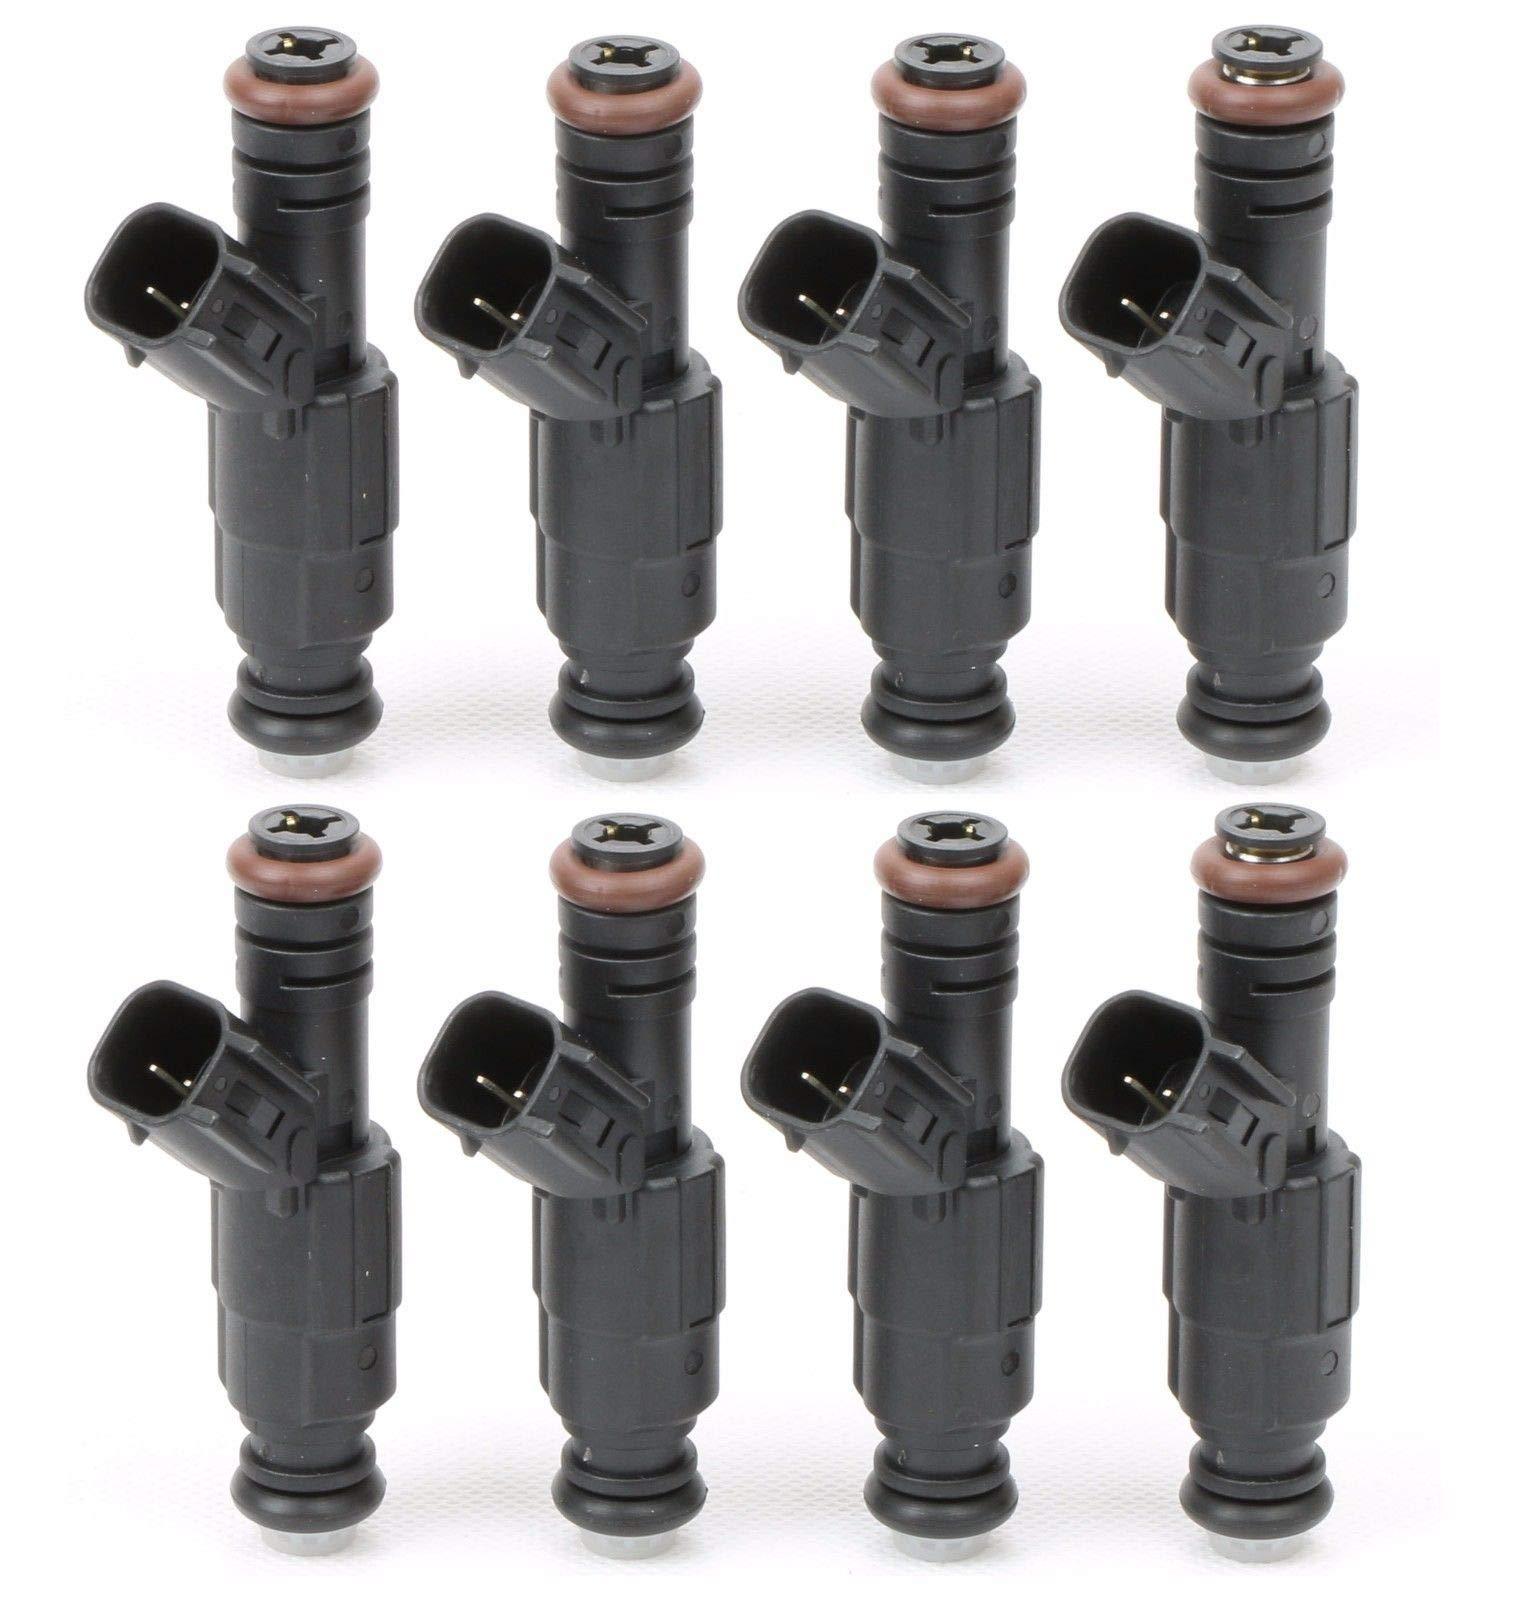 New 8pcs Fuel Injectors 0280155849 For Dodge Chrysler 4.7L V8 upgrade 4 Nozzle